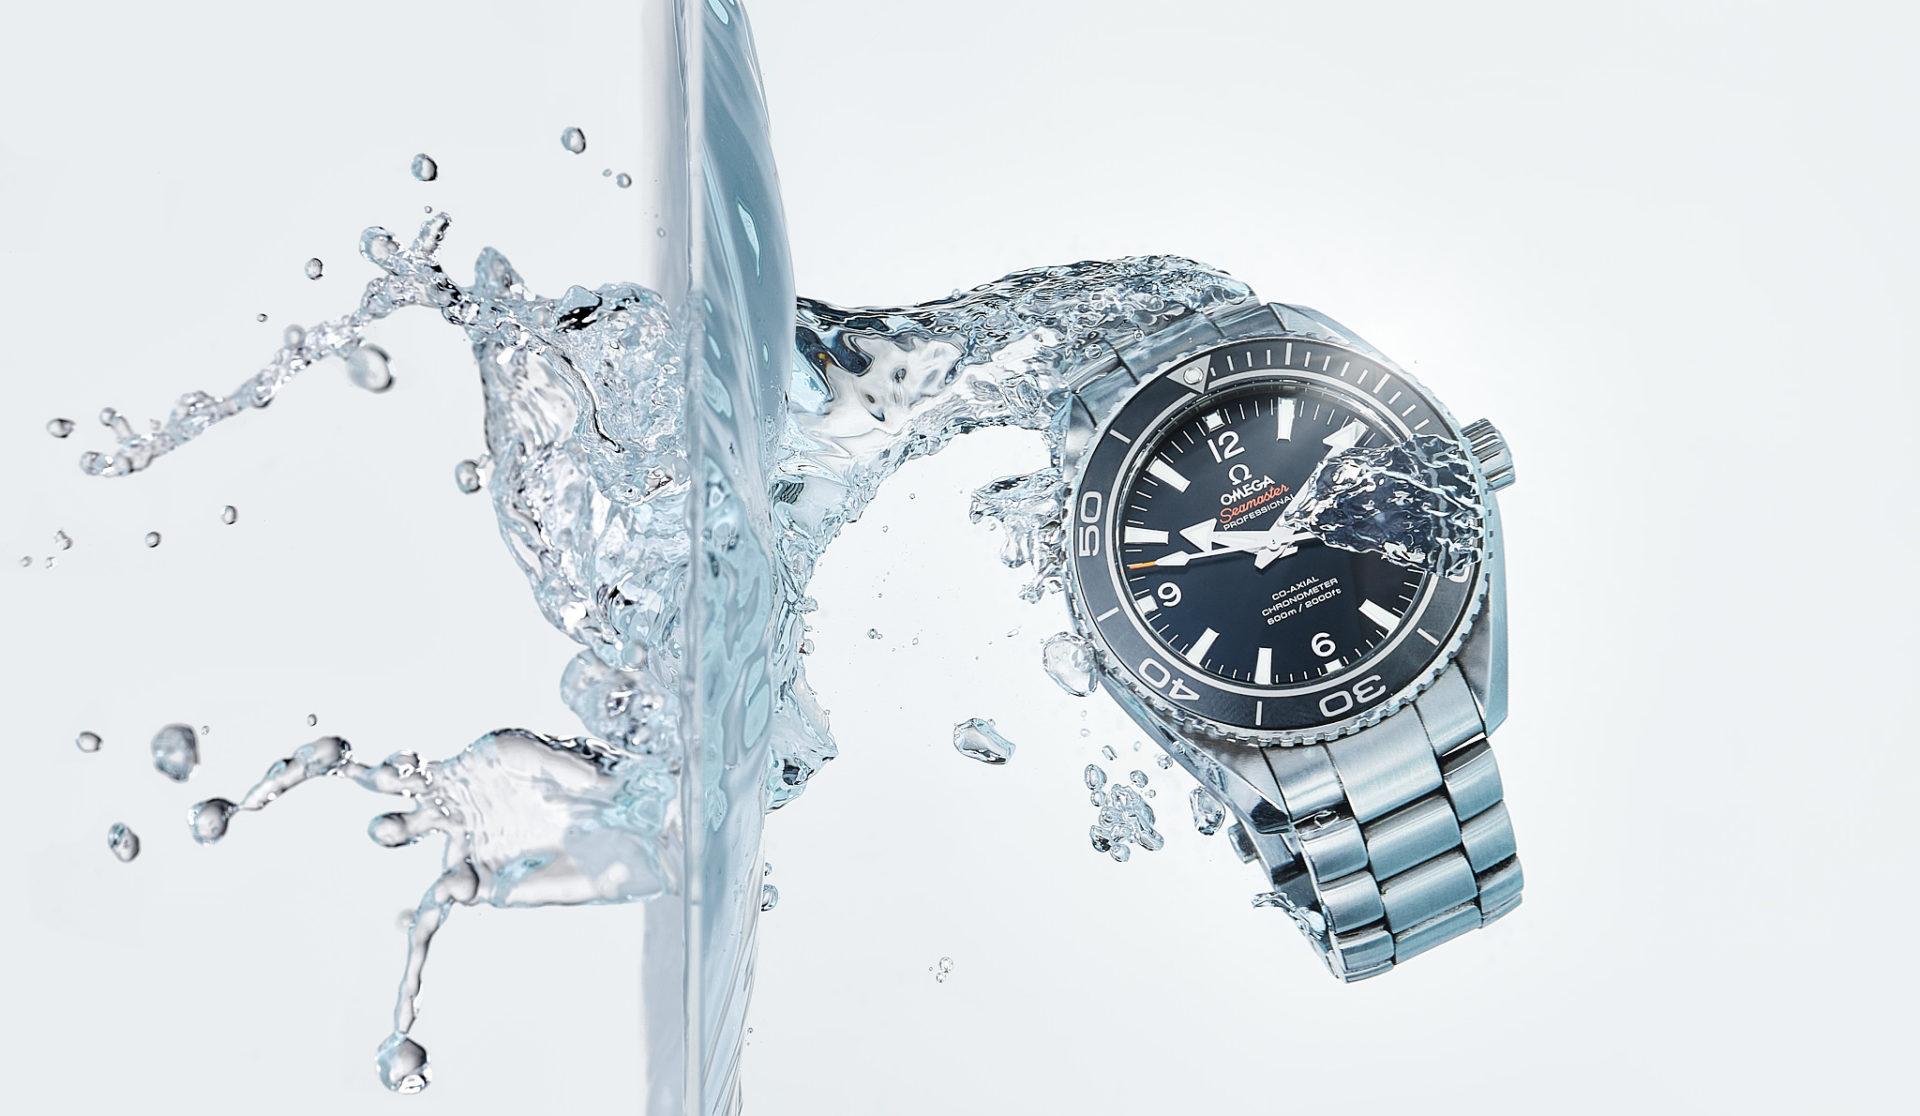 Photographie de montres avec liquide